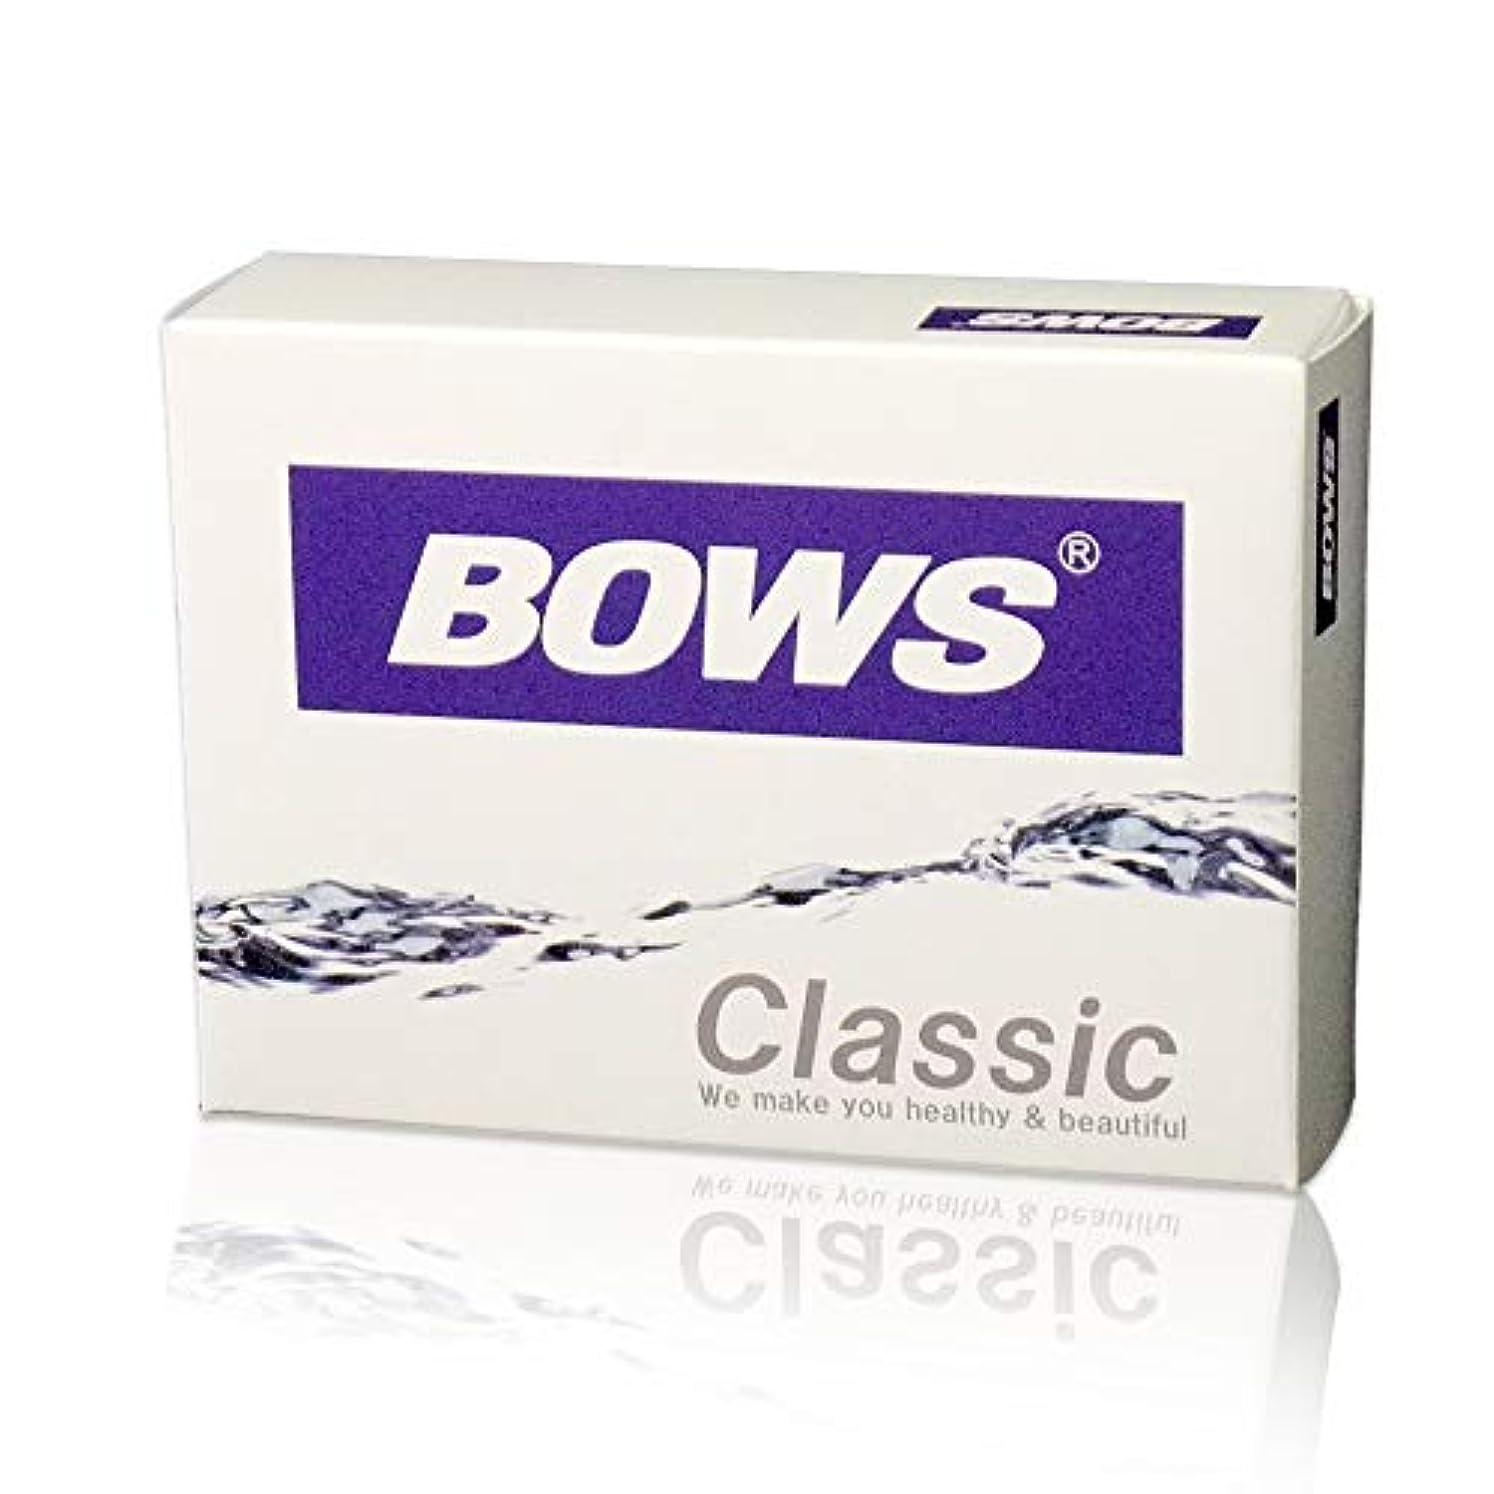 繰り返しじゃがいも液化するBOWS Classic(ボウス クラシック) 90g (30包)